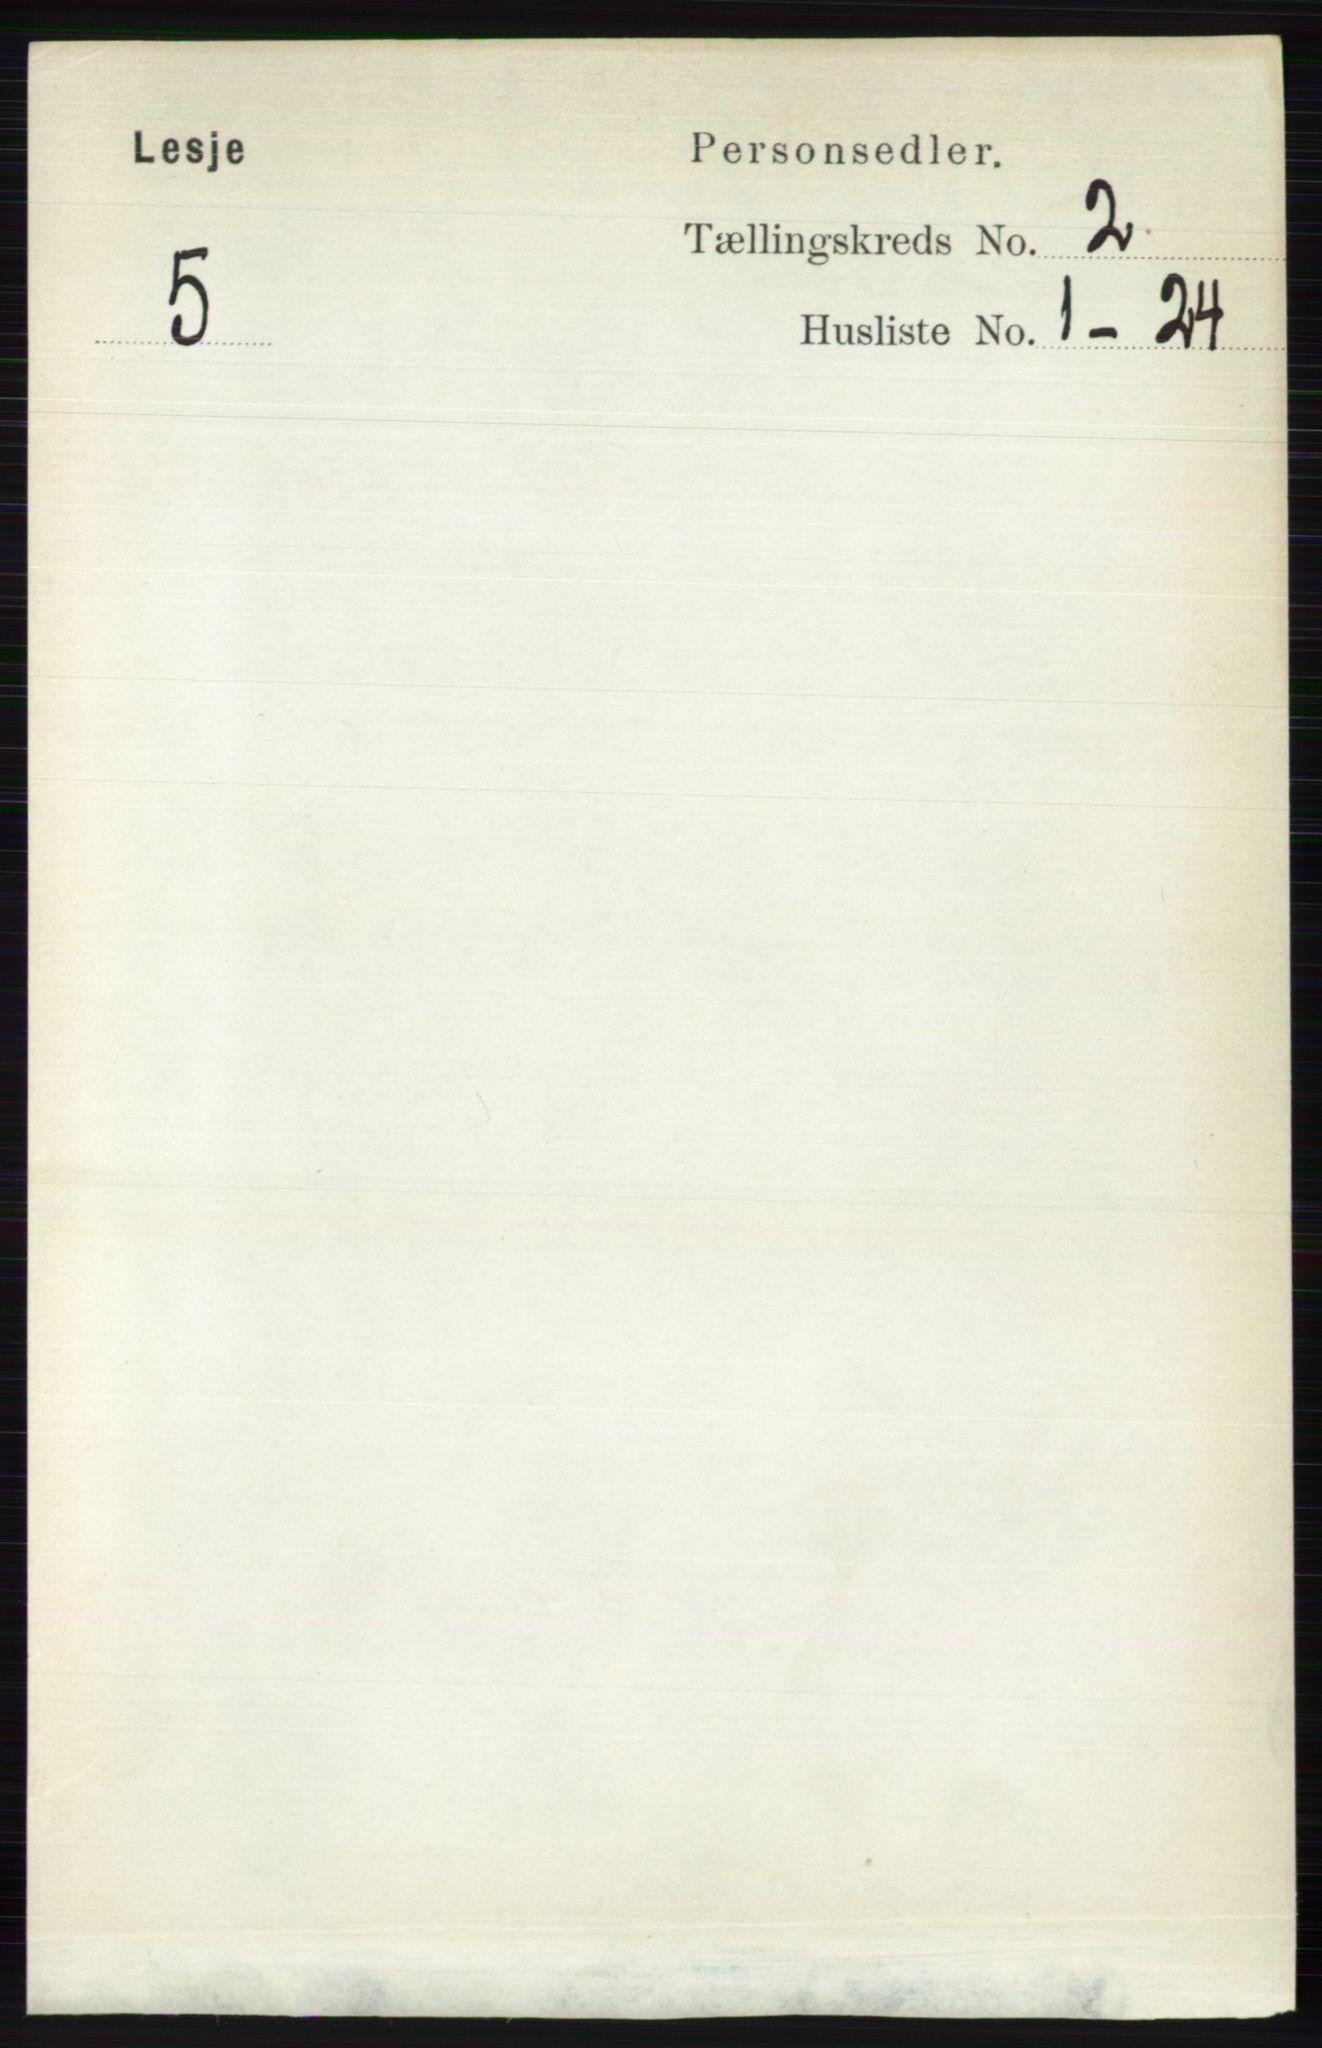 RA, Folketelling 1891 for 0512 Lesja herred, 1891, s. 395